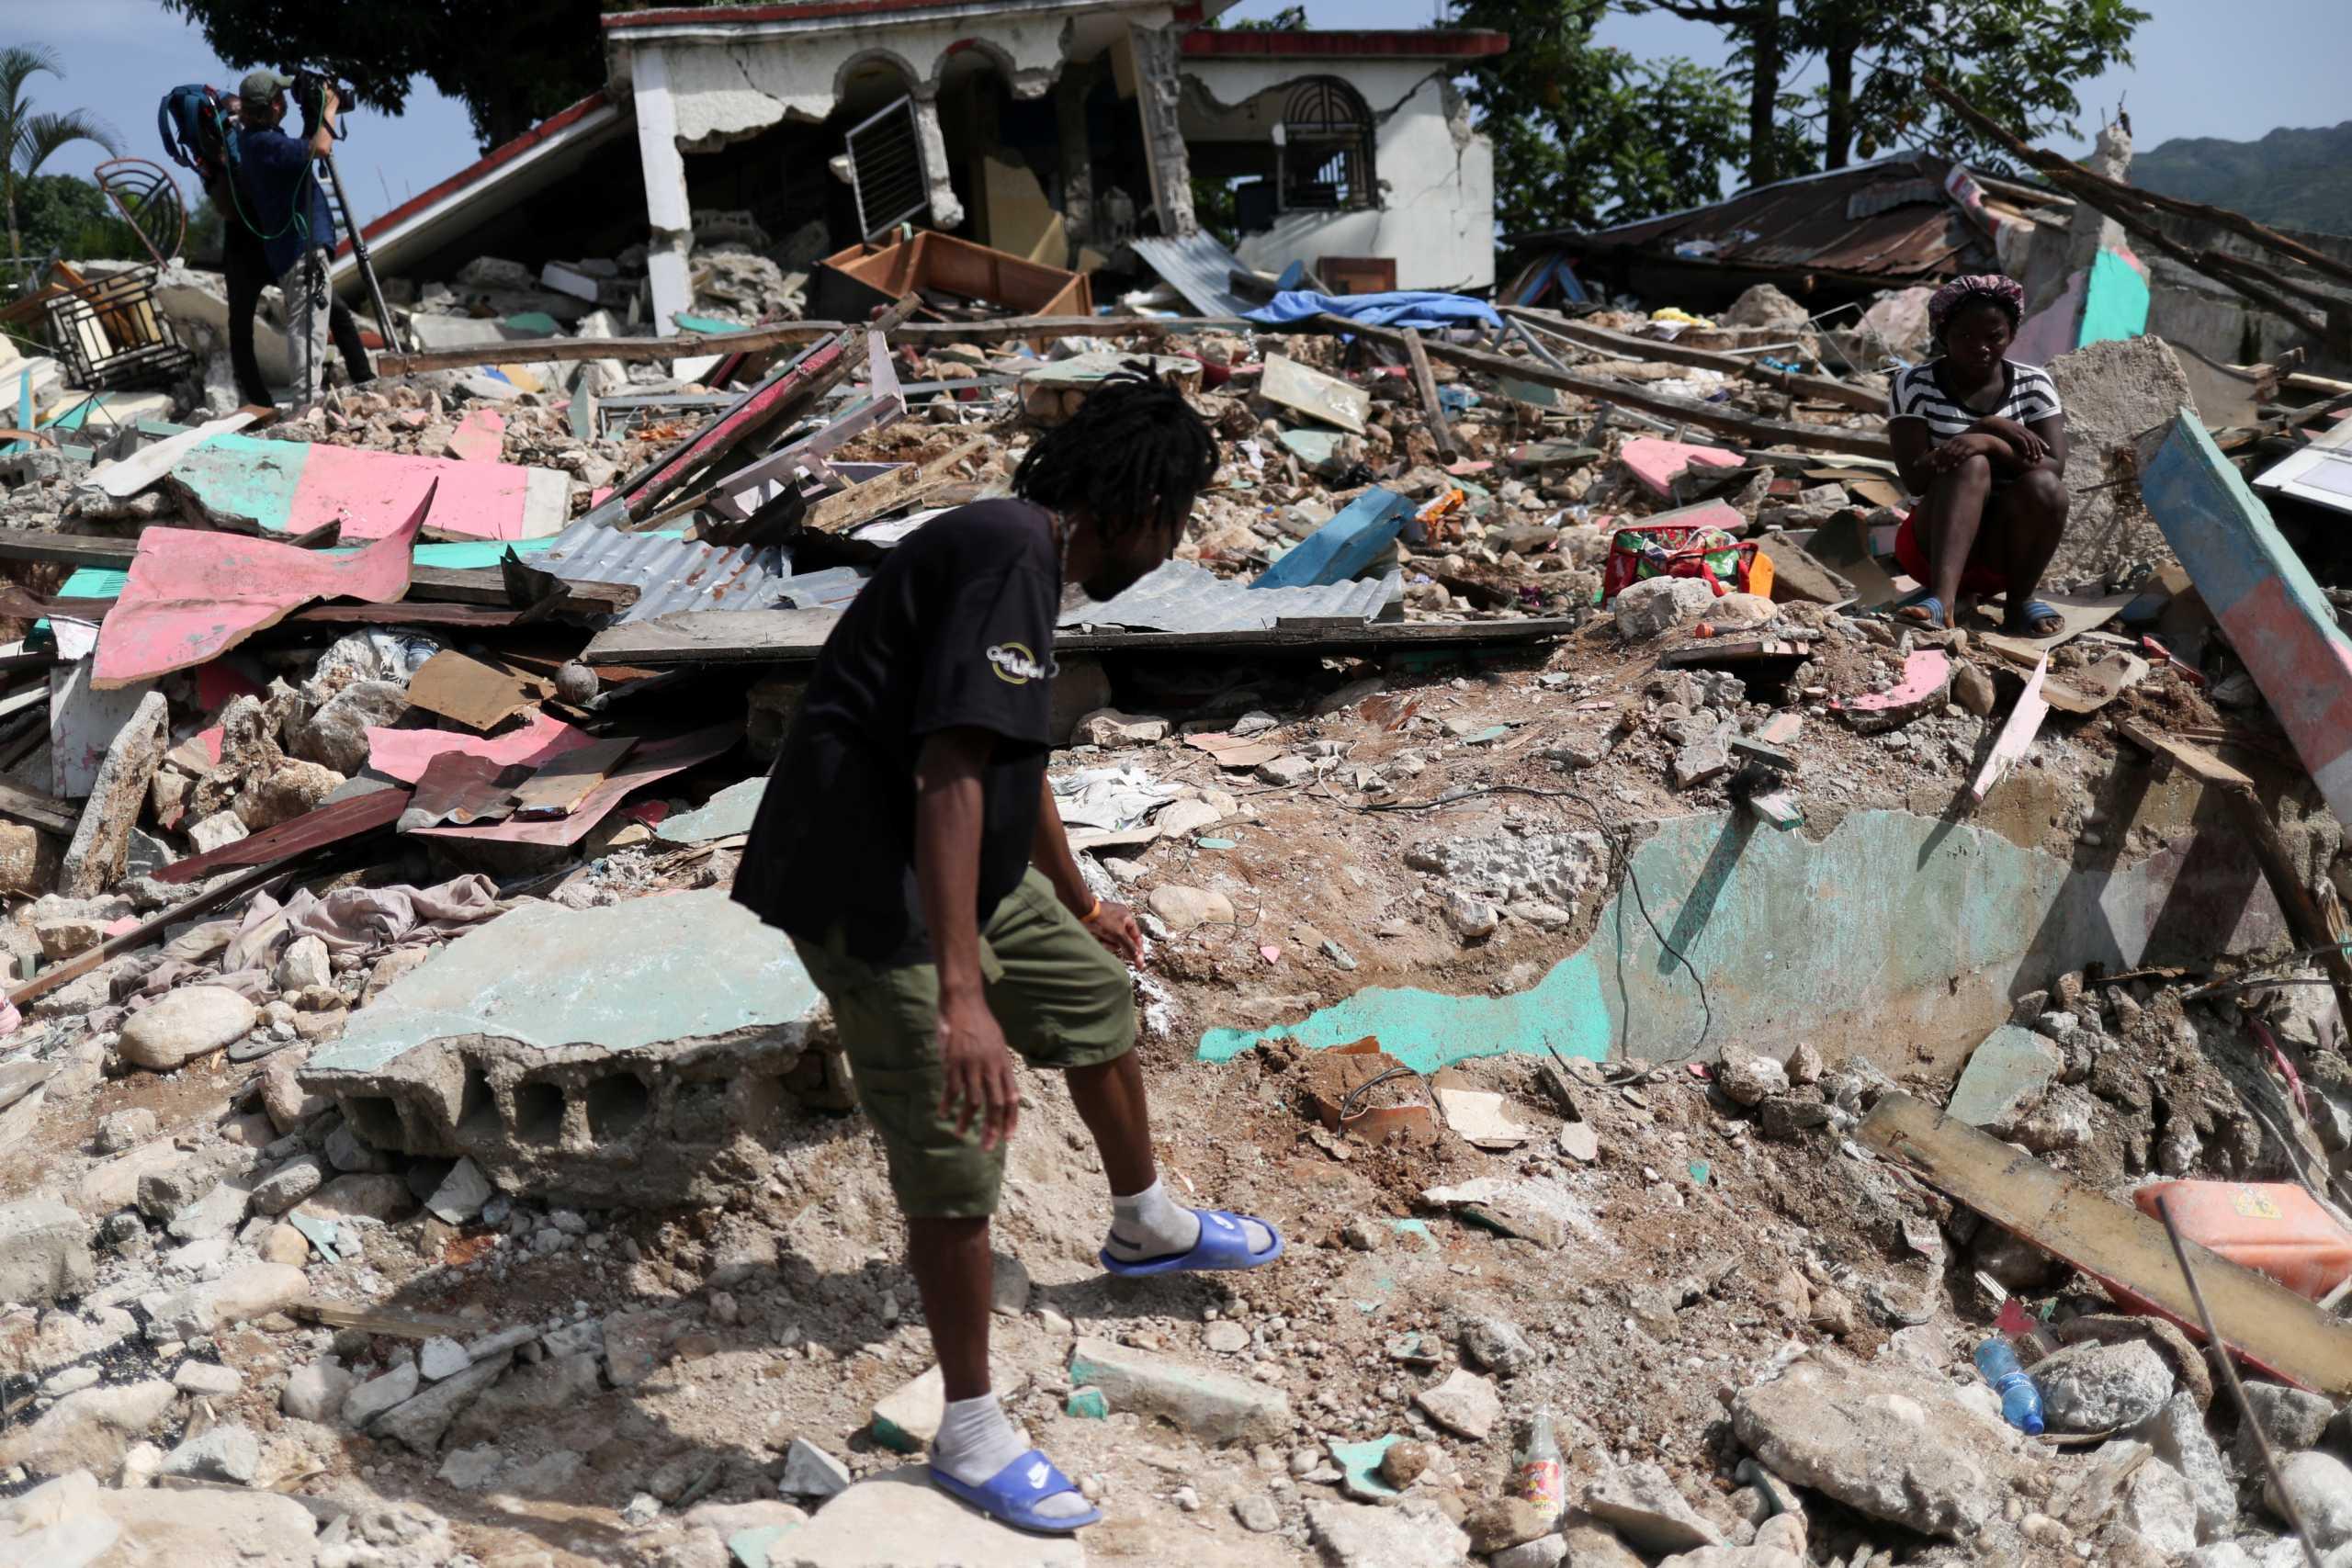 Σεισμός στην Αϊτή: Τουλάχιστον 2.248 νεκροί και 329 αγνοούμενοι